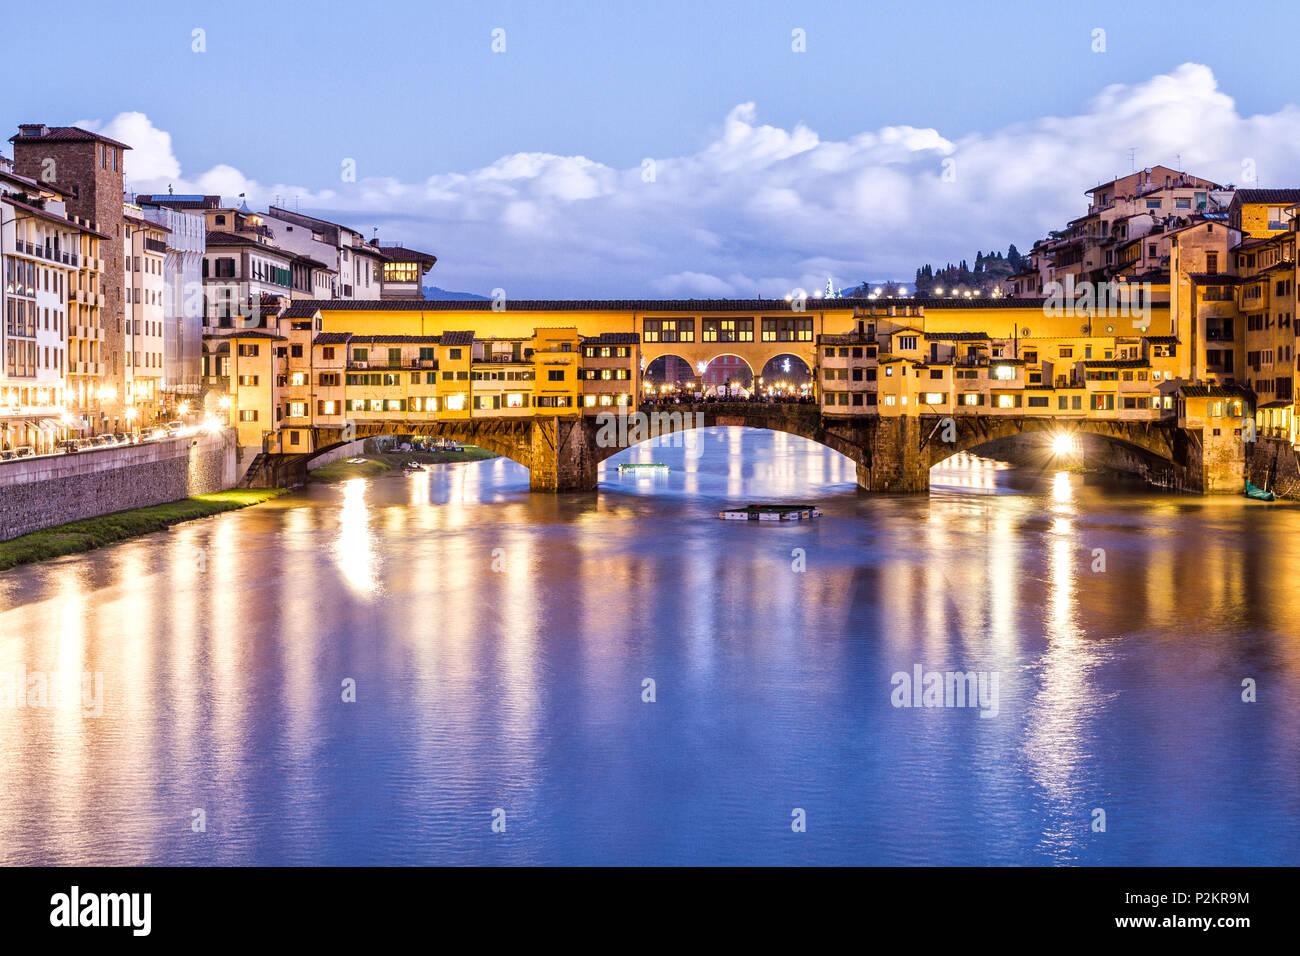 Ponte Vecchio (Puente Viejo) por la noche. Florencia, Provincia de Florencia, Italia. Imagen De Stock